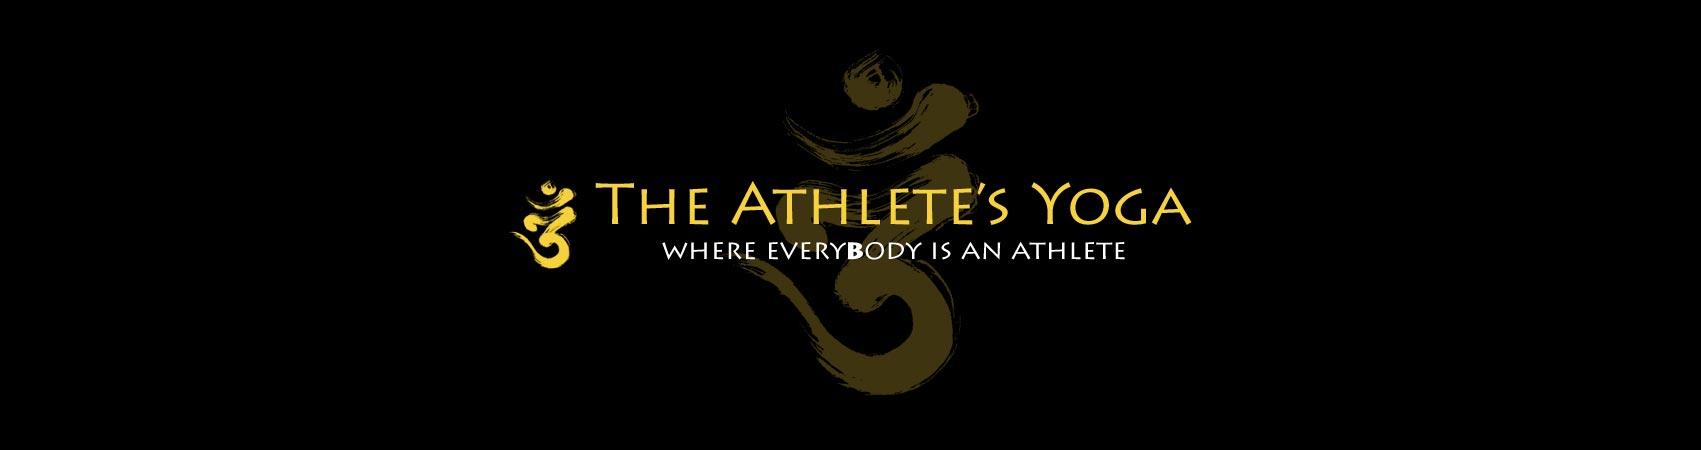 the-athletes-yoga-slider-background